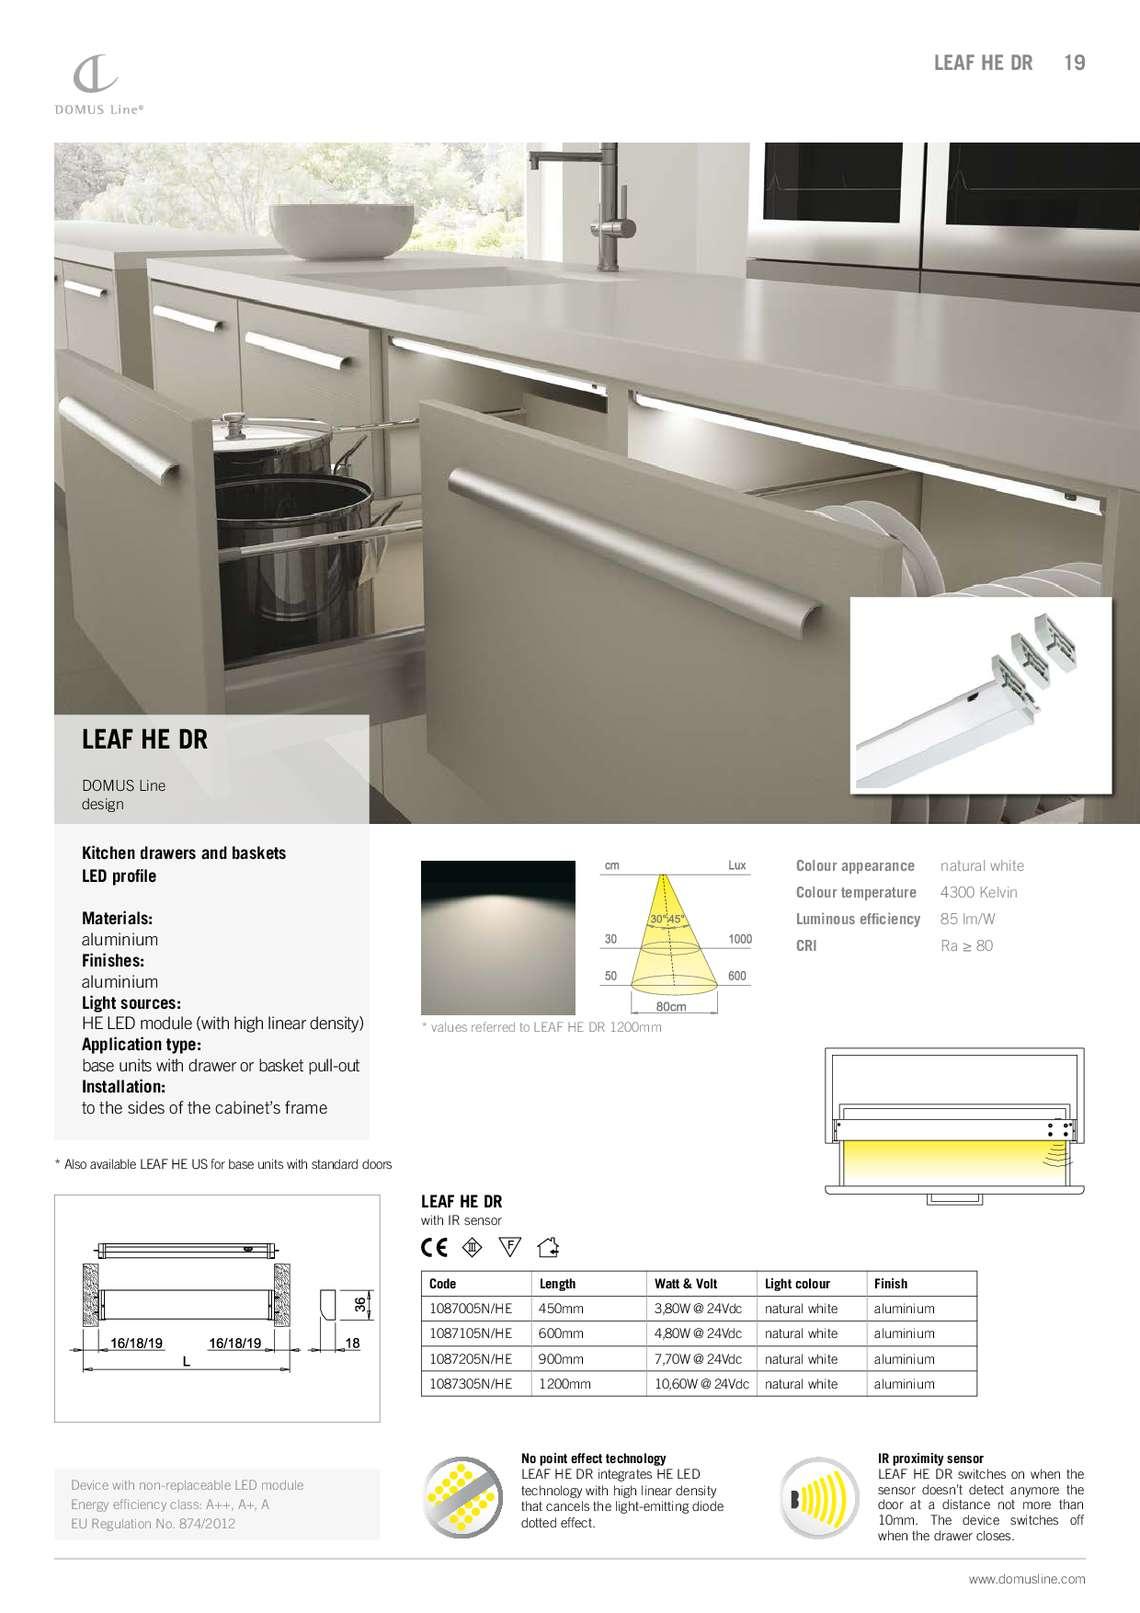 domus-line-top-seller_27_020.jpg